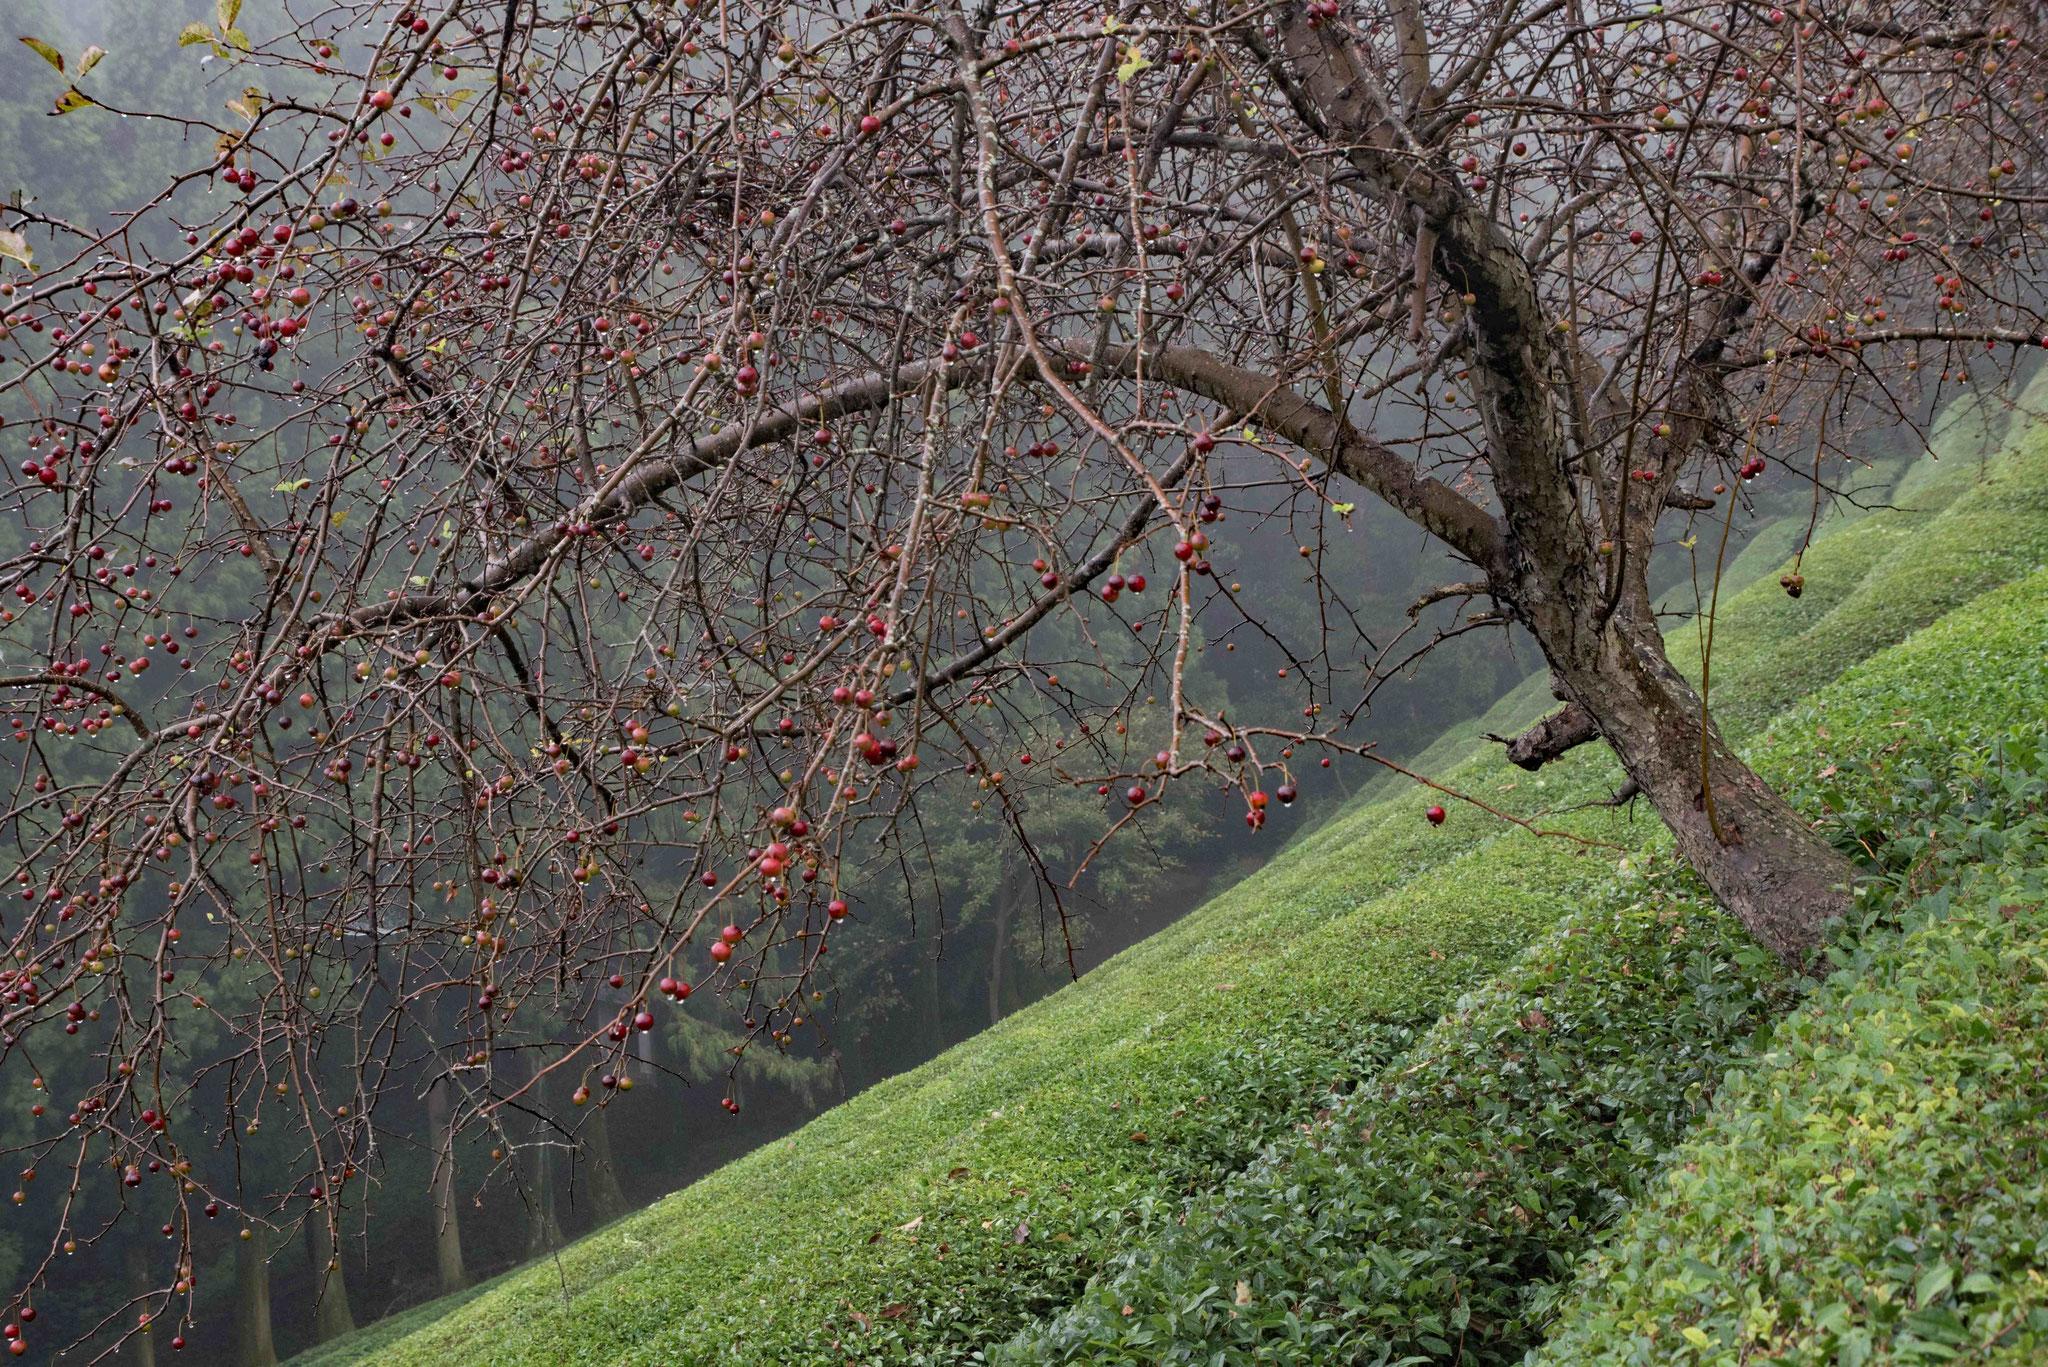 Der Baum lockert die langen Teebuschreihen auf